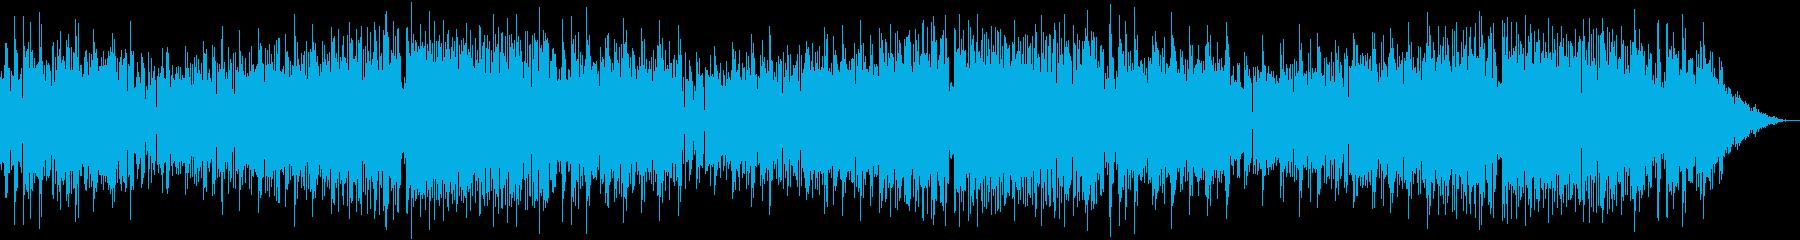 クラシック調のEDM系音楽の再生済みの波形